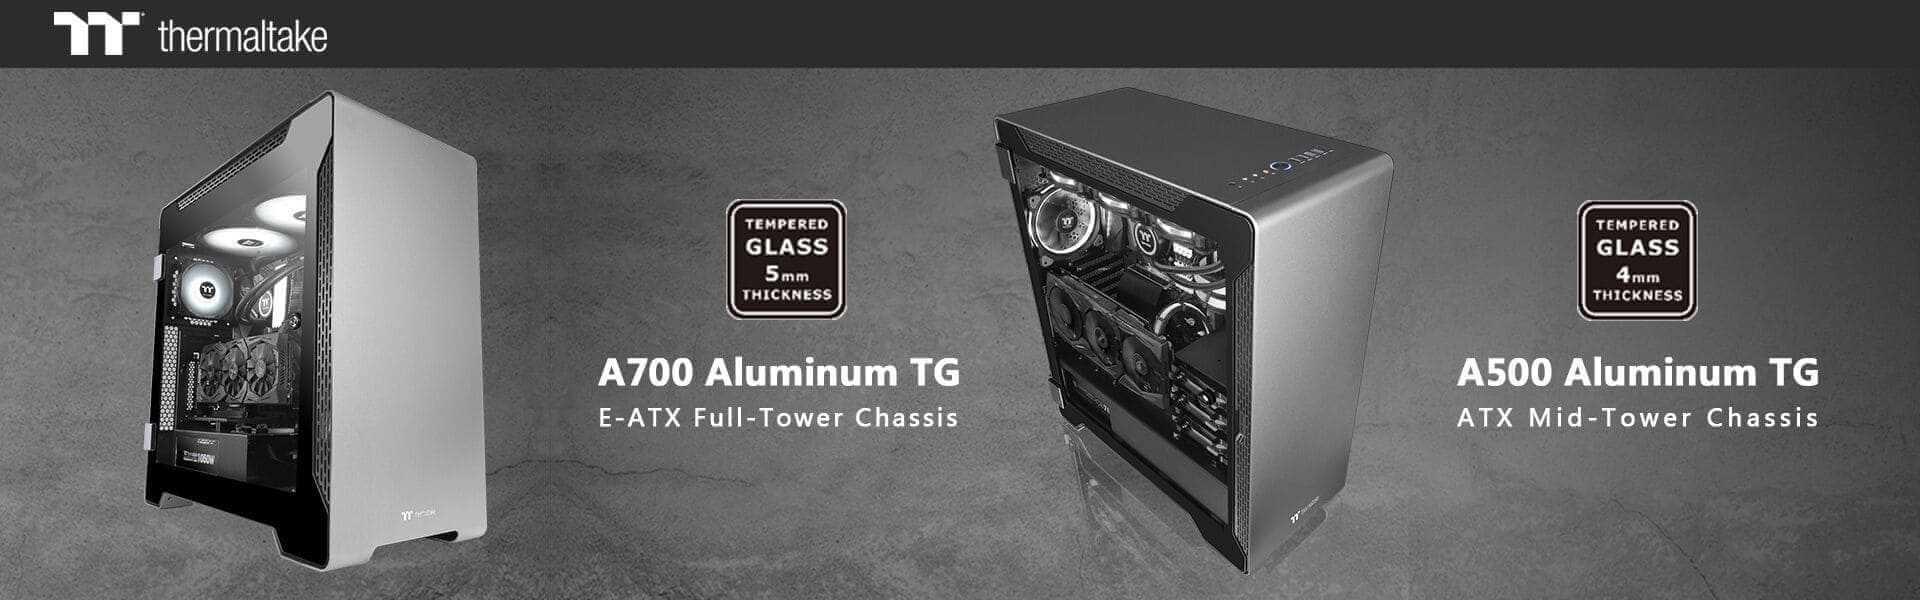 NP: Thermaltake A700 Aluminum Tempered Glass Edition Full Tower se une a la familia de chasis de la serie A